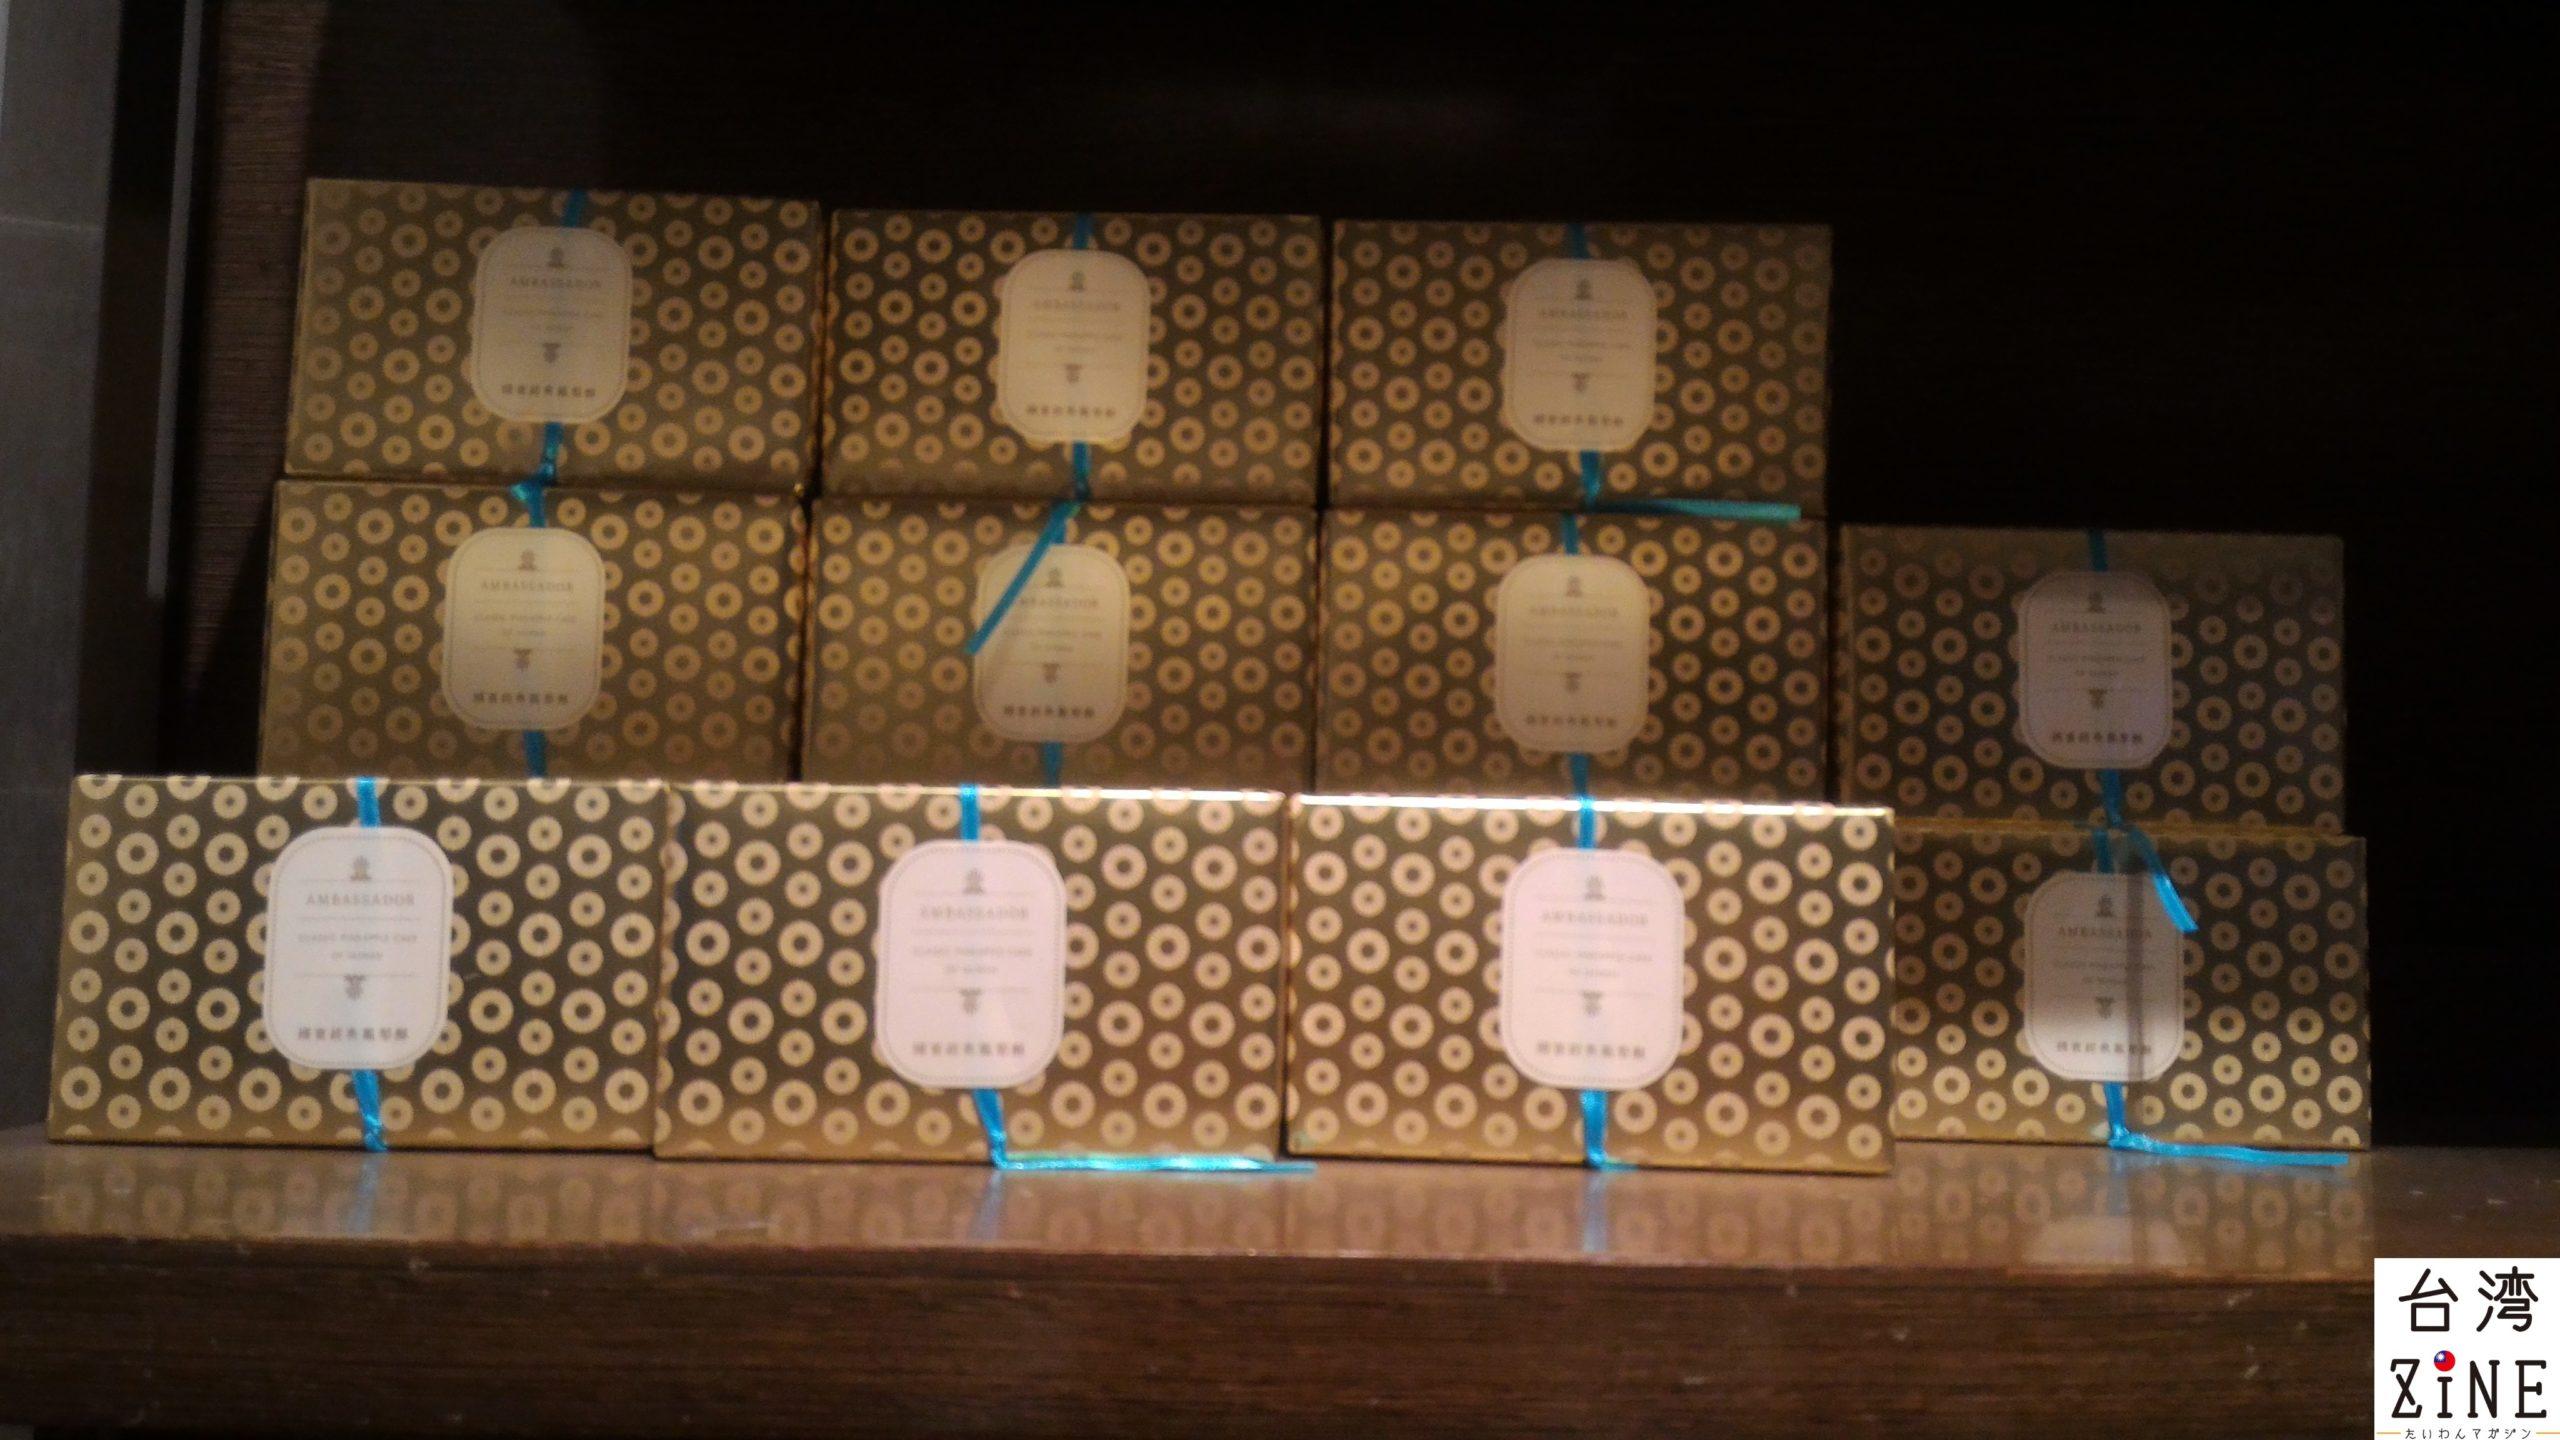 台北のアンバサダーホテル(國賓大飯店) パイナップルケーキ 6個入りの箱